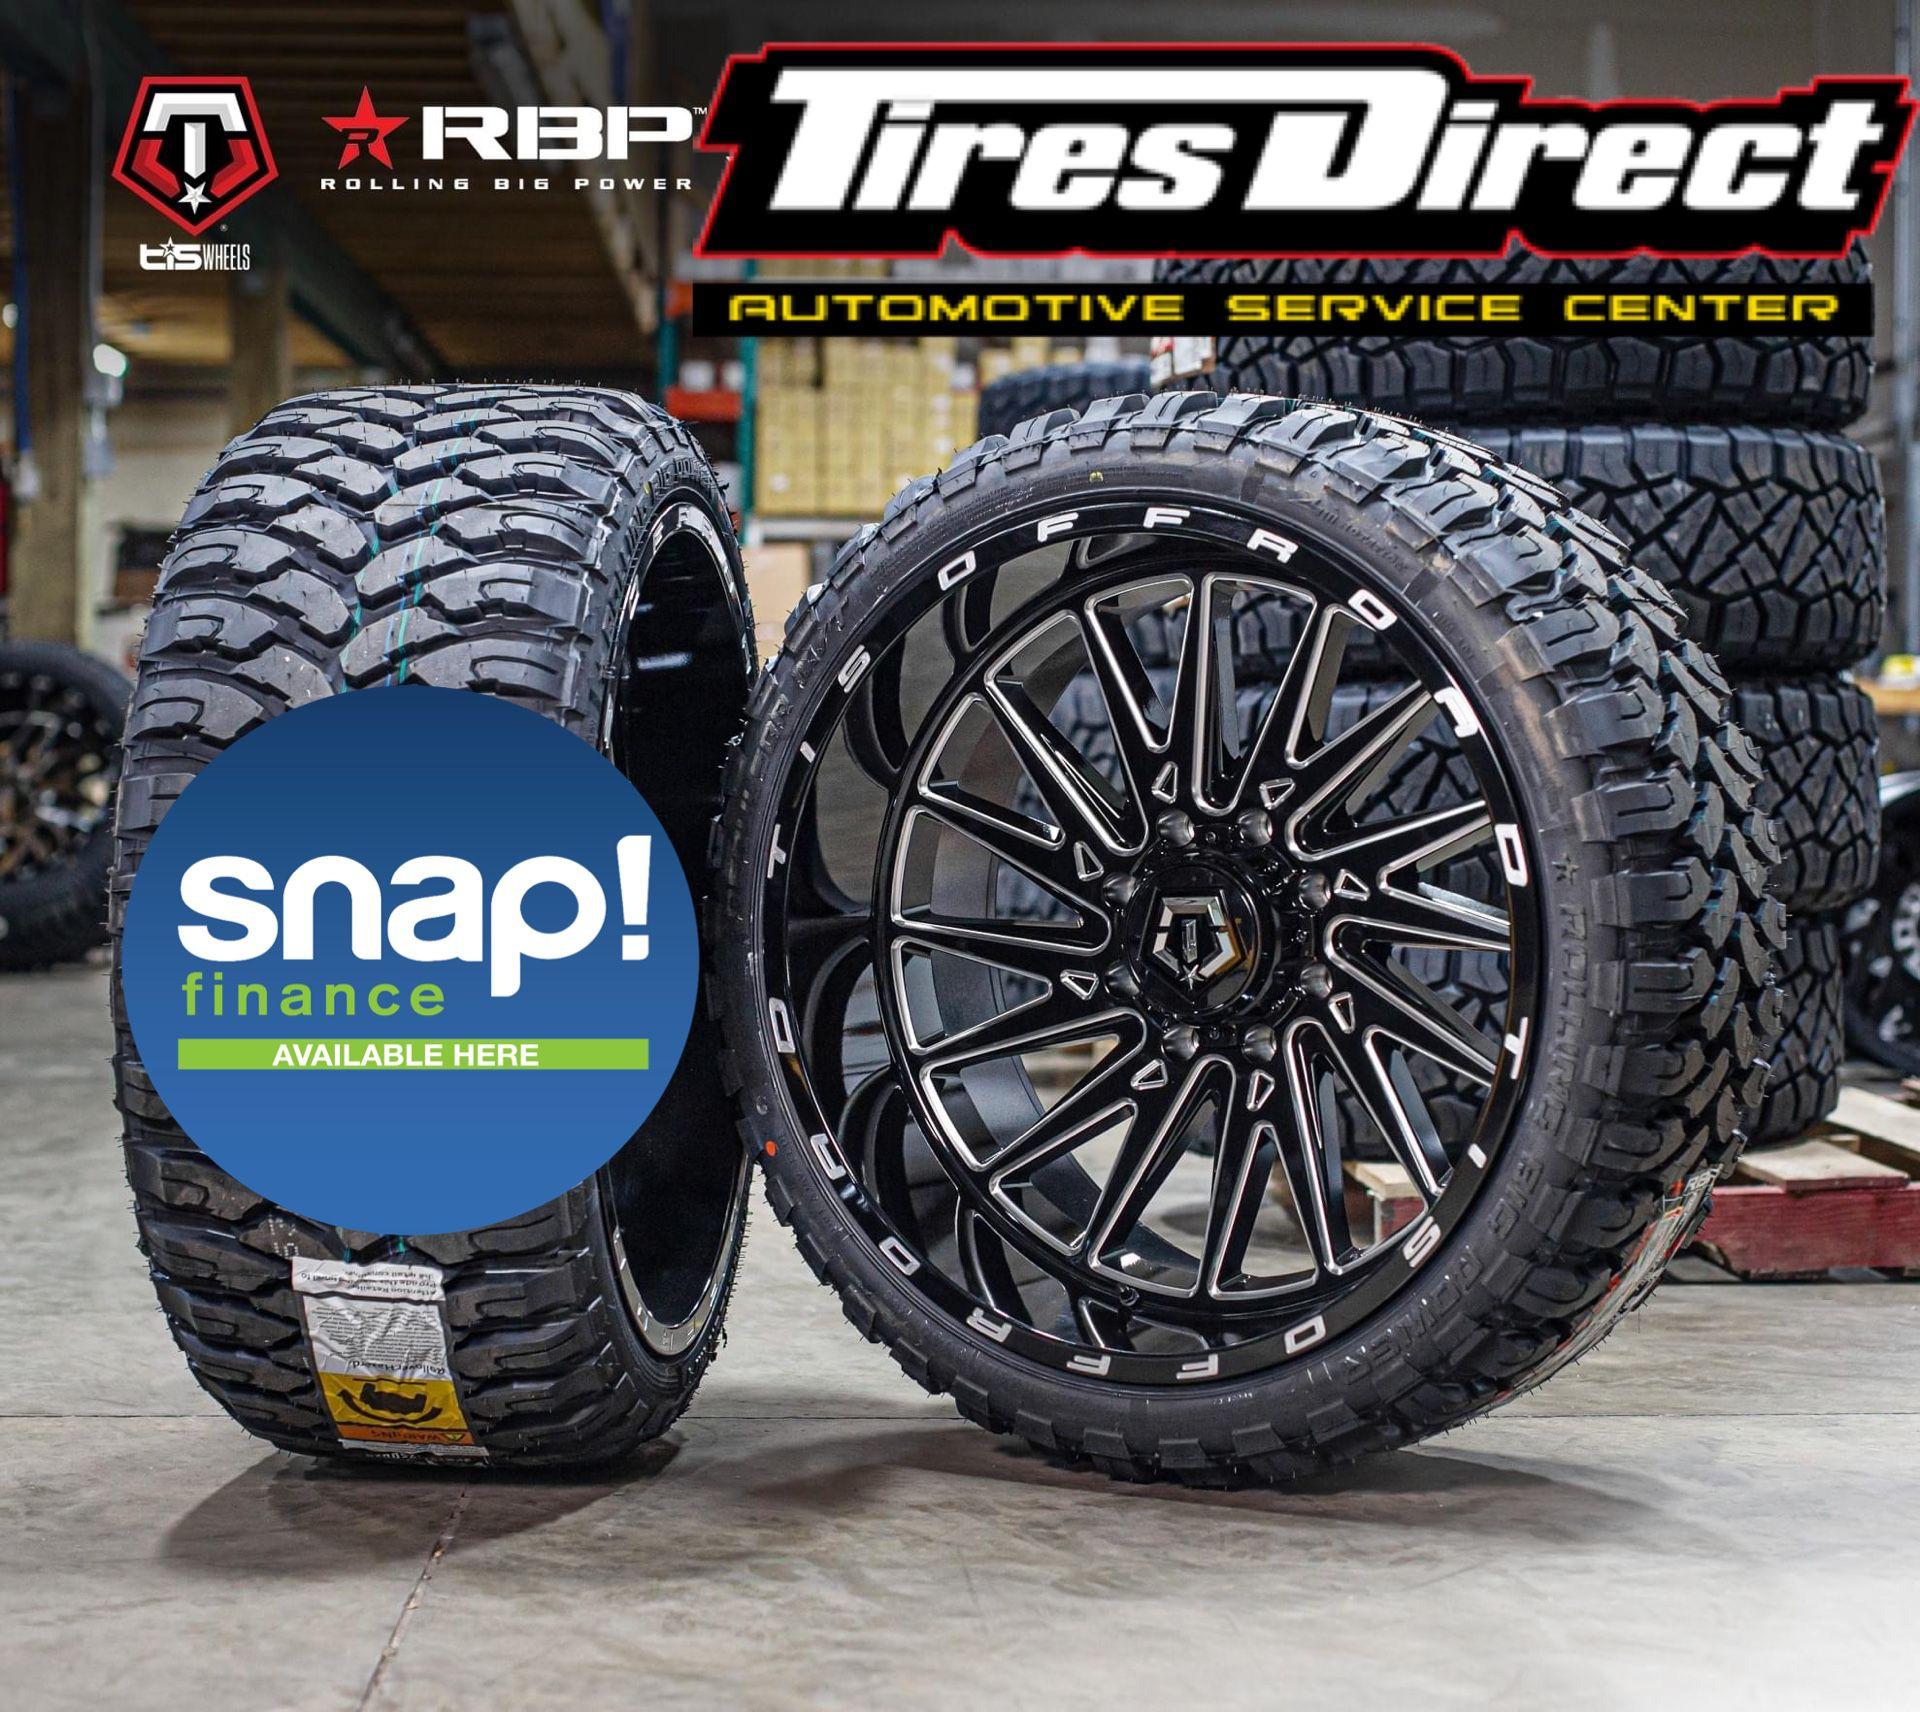 Truck Wheel Tire On Sale 39$ Finance Fee Only